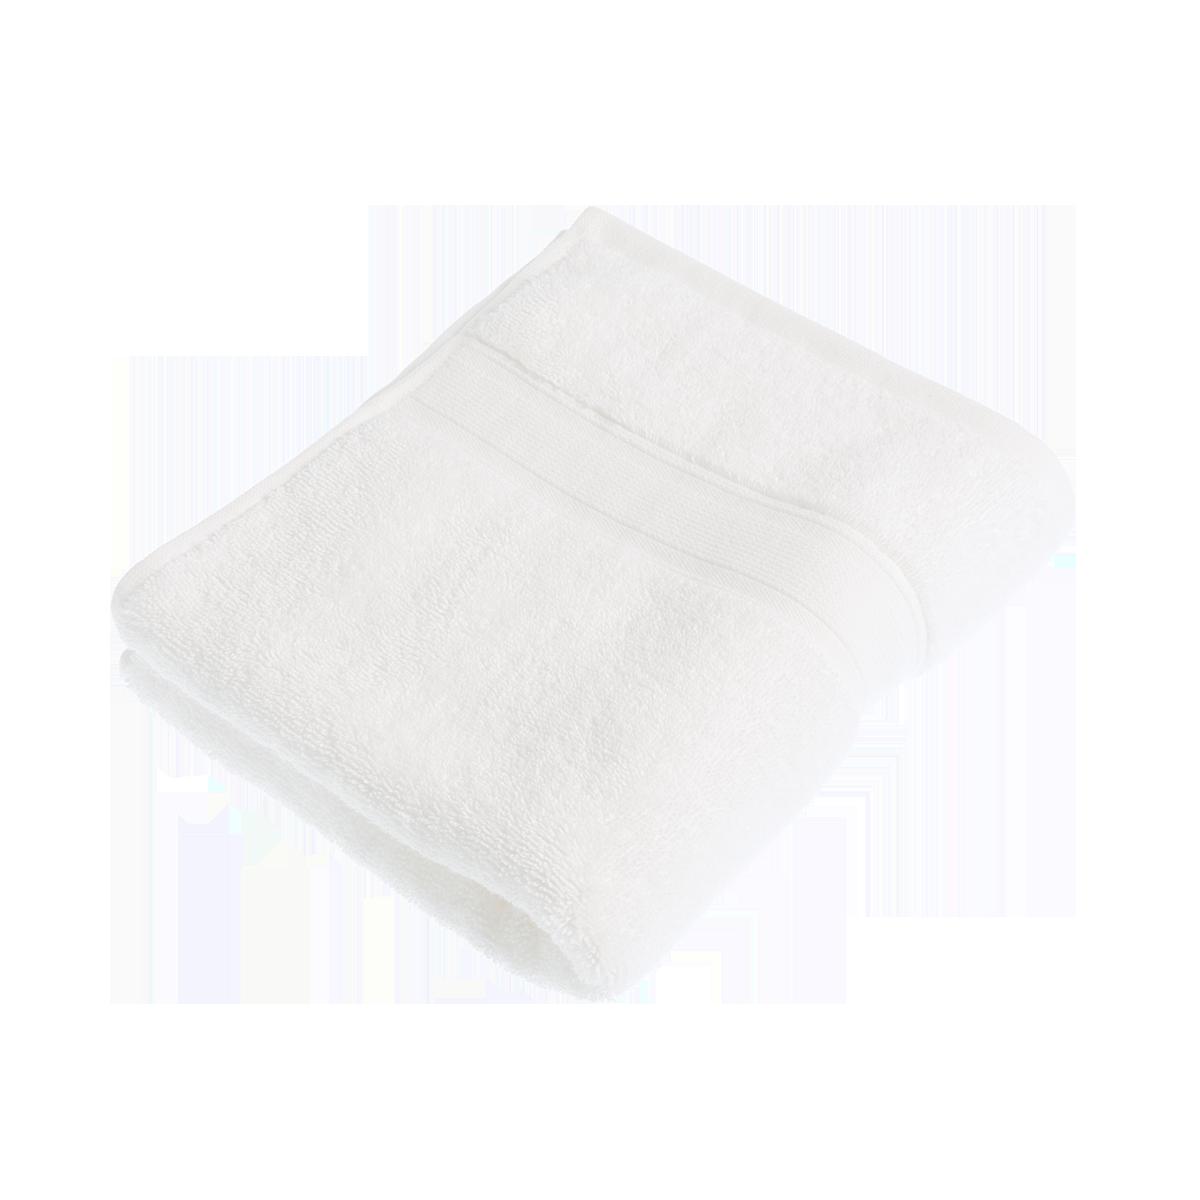 White Organic Cotton Bath Towel